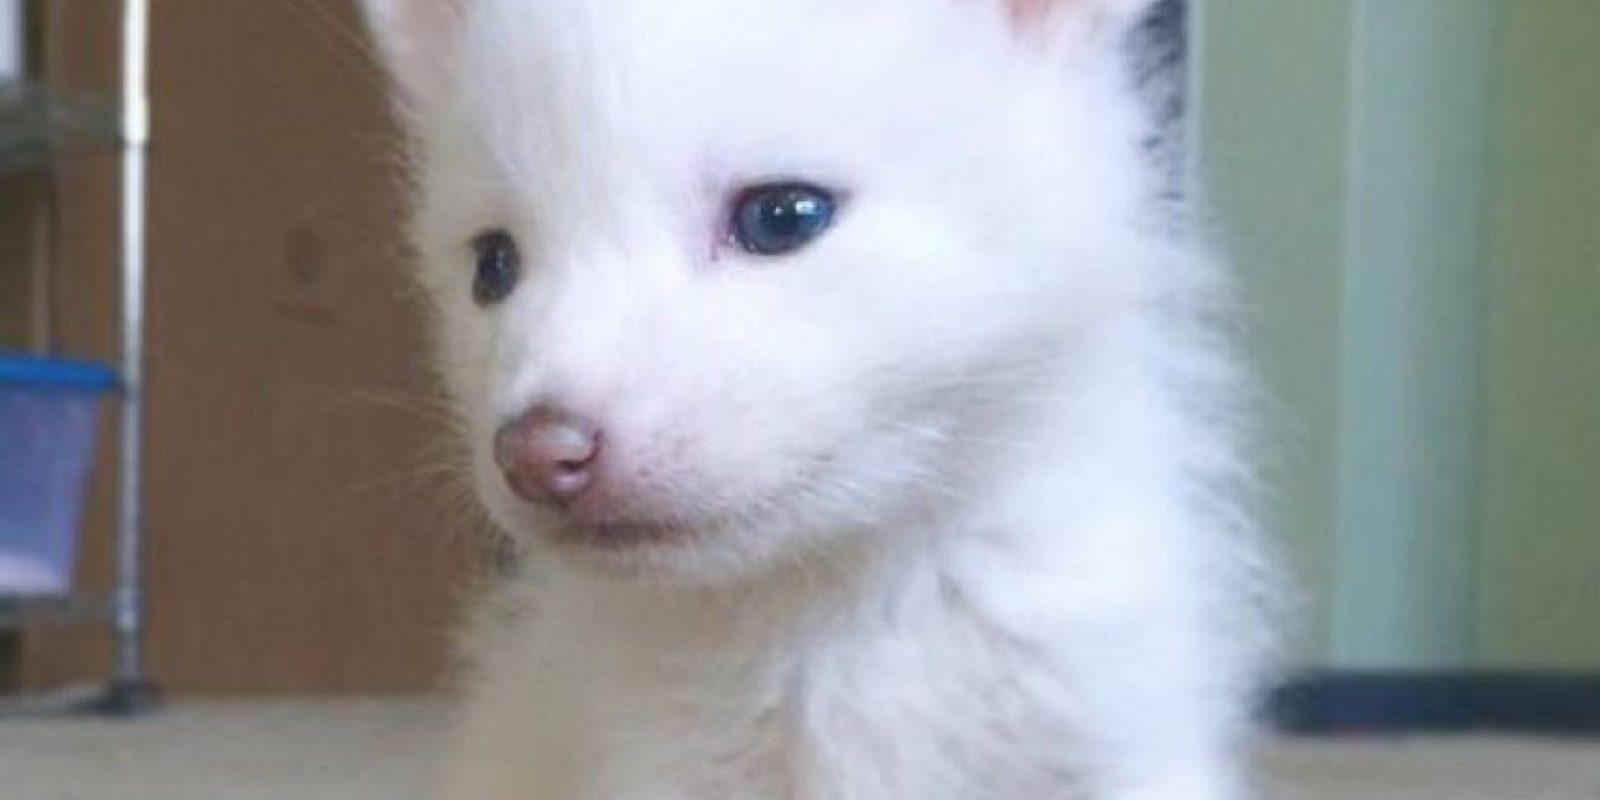 """Si tienen suerte de que su mascota parezca un peluche, háganla una estrella. Si no, posteen fotos de animales como este. La gente hará: """"Awwwwww"""". Foto:vía Instagram"""